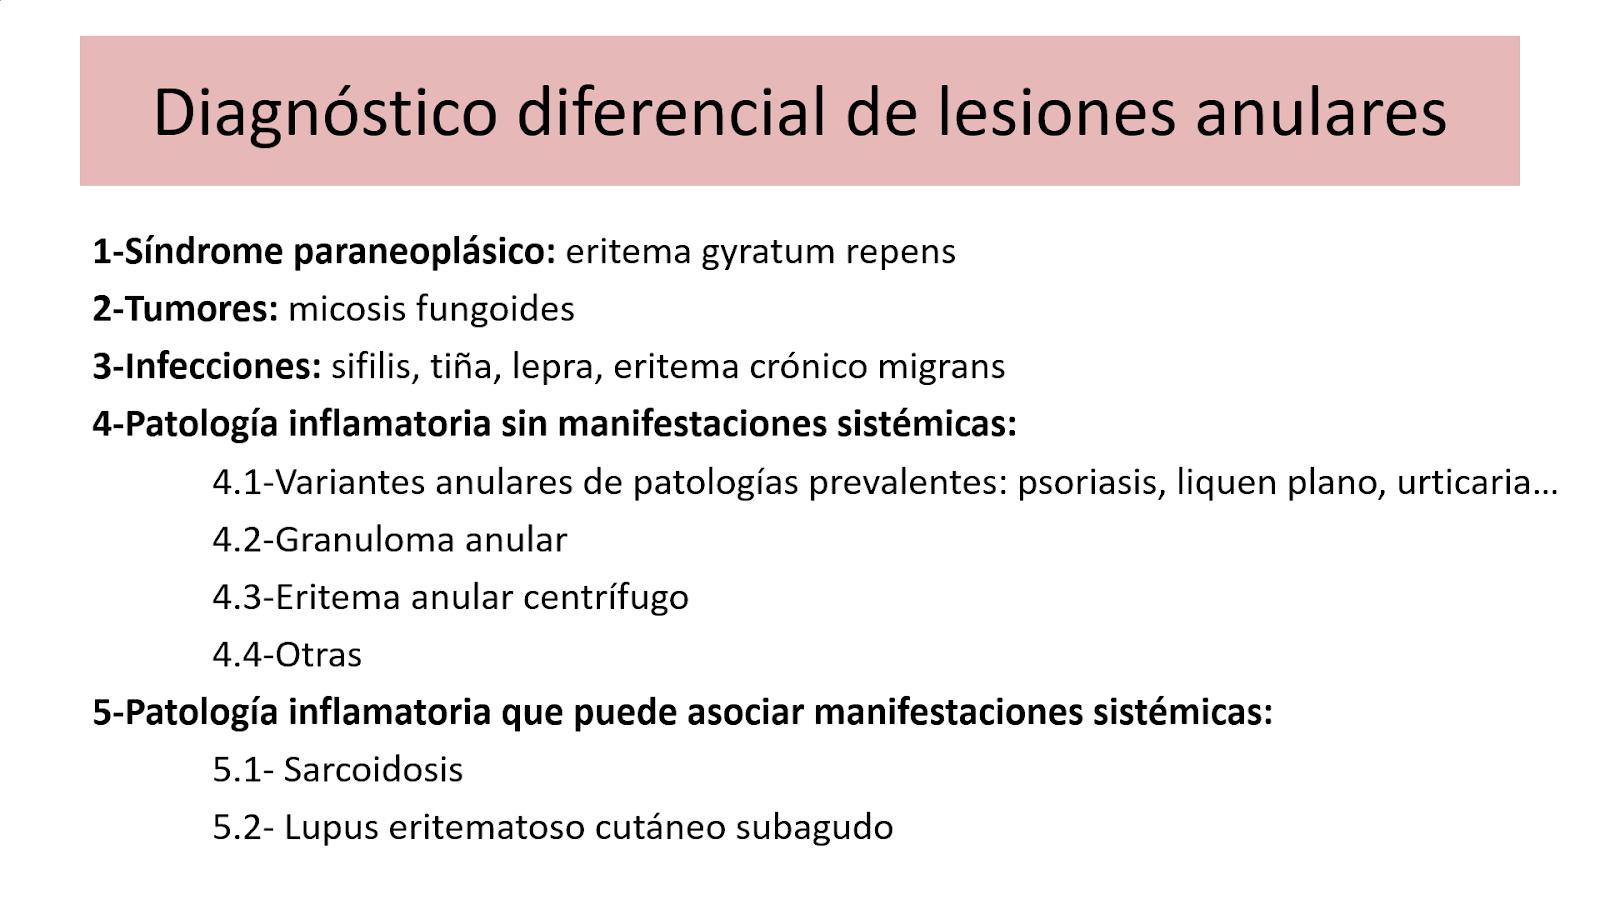 lesiones anulares diagnóstico diferenial